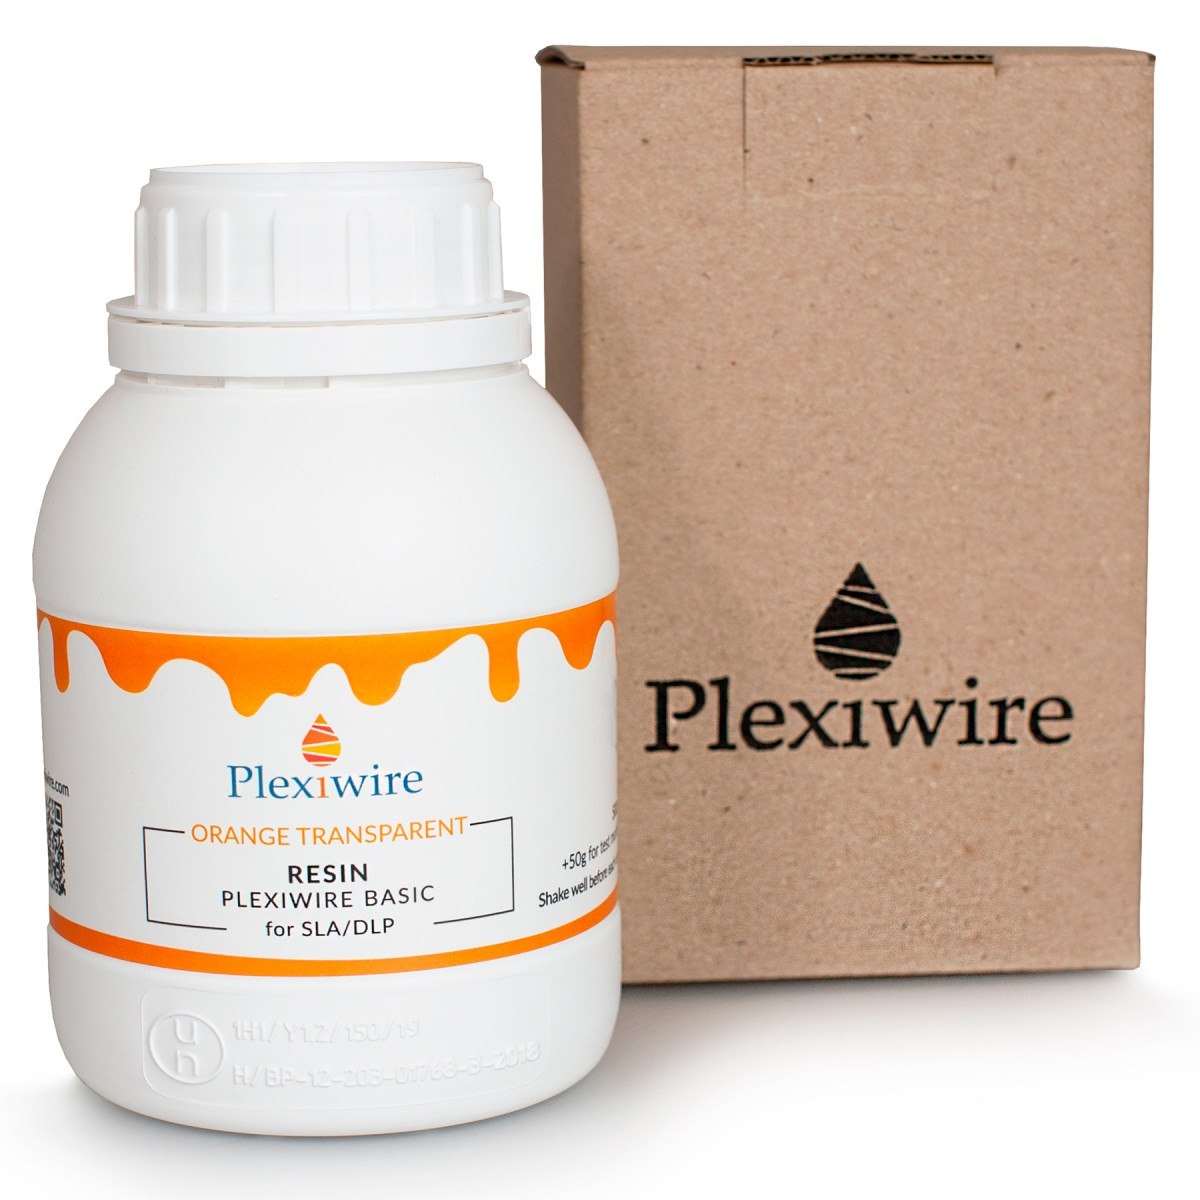 Фотополимерная смола Plexiwire resin basic 0.5 кг напівпрозорий оранжевий